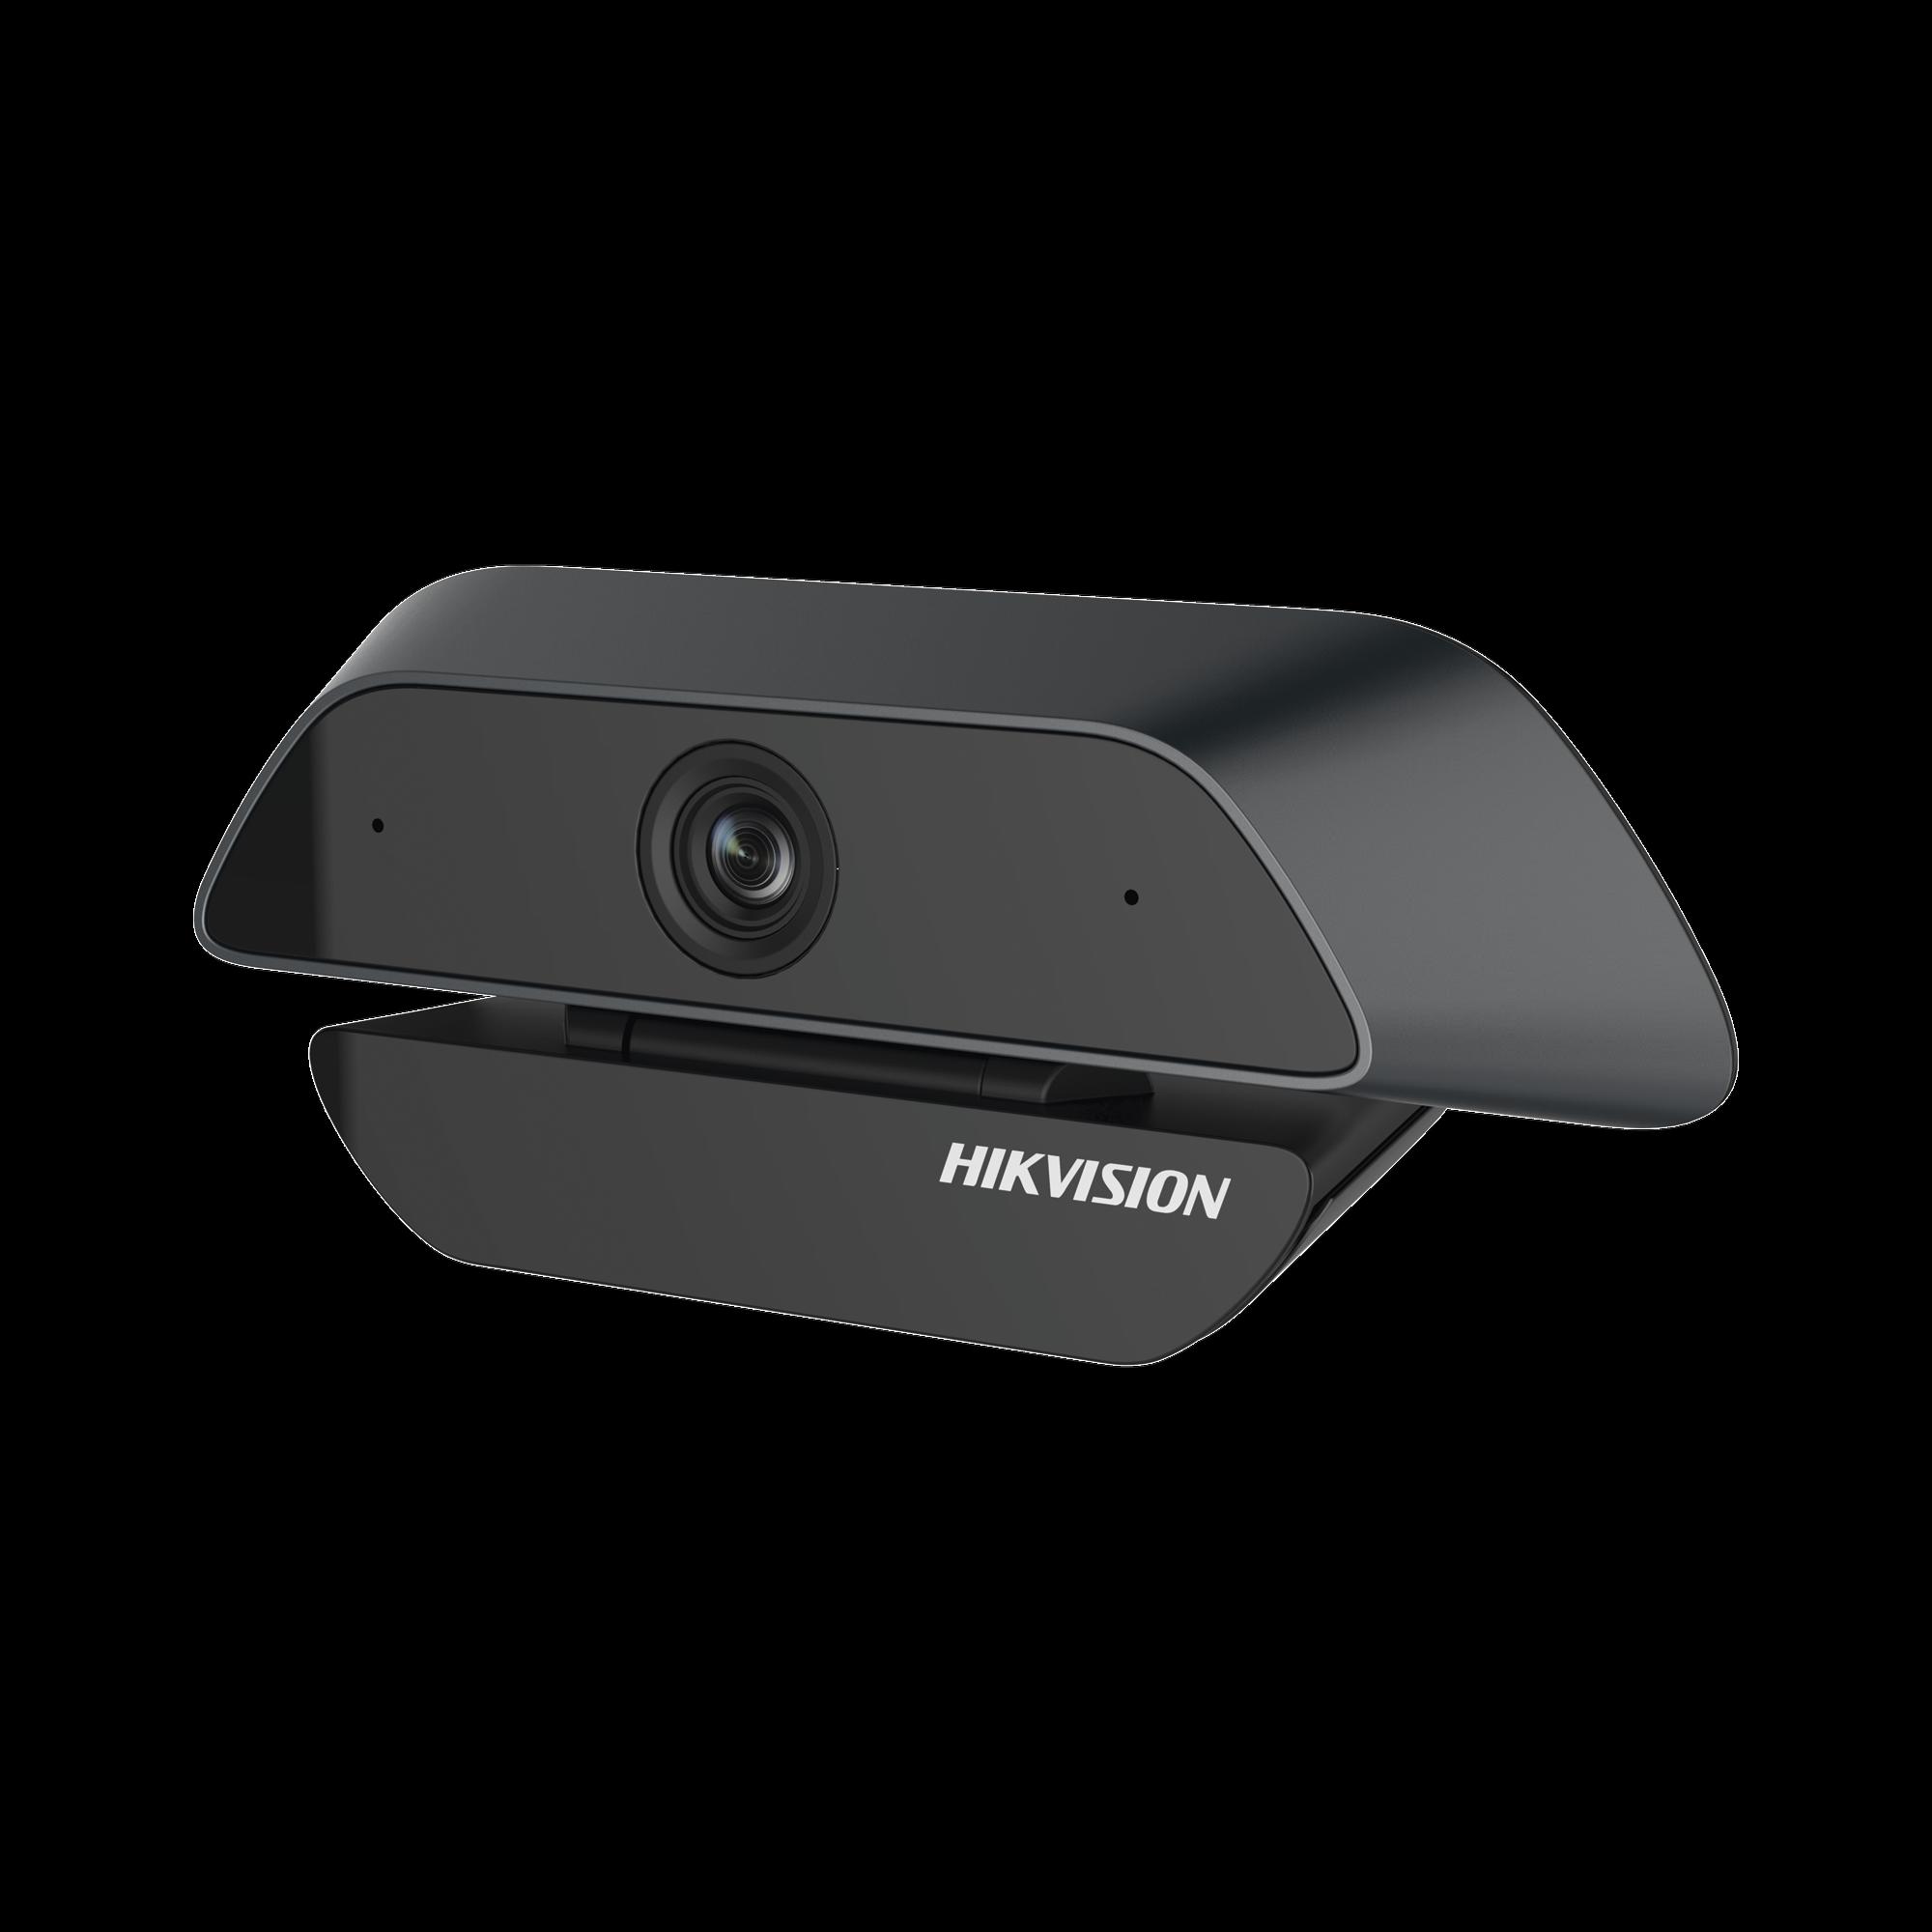 Cámara Web ALTA DENIFICIoN (1080p) / Gran Angular / Microfono Integrado / Conector USB de 2 mts / Fácil de Instalar / Reduccion de Ruido Inteligente